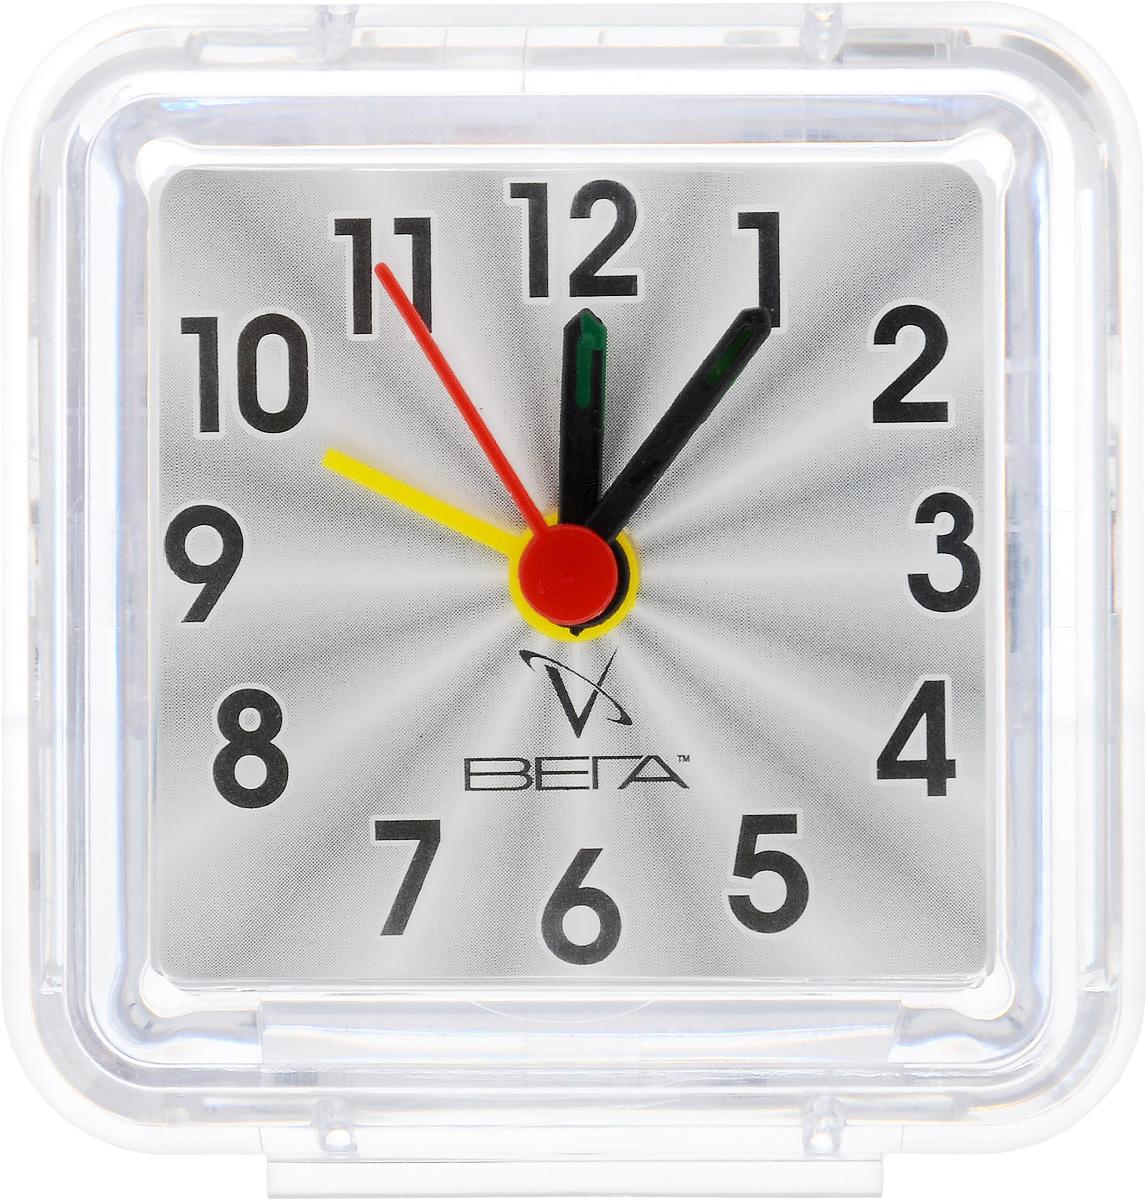 Часы-будильник Вега КлассикаБ1-014Настольные кварцевые часы Вега Классика изготовлены из прозрачного пластика. Часы имеют четыре стрелки - часовую, минутную, секундную и стрелку завода.Такие часы красиво и оригинально украсят интерьер дома или рабочий стол в офисе. Также часы могут стать уникальным, полезным подарком для родственников, коллег, знакомых и близких.Часы работают от батарейки типа АА (в комплект не входит). Имеется инструкция по эксплуатации на русском языке.